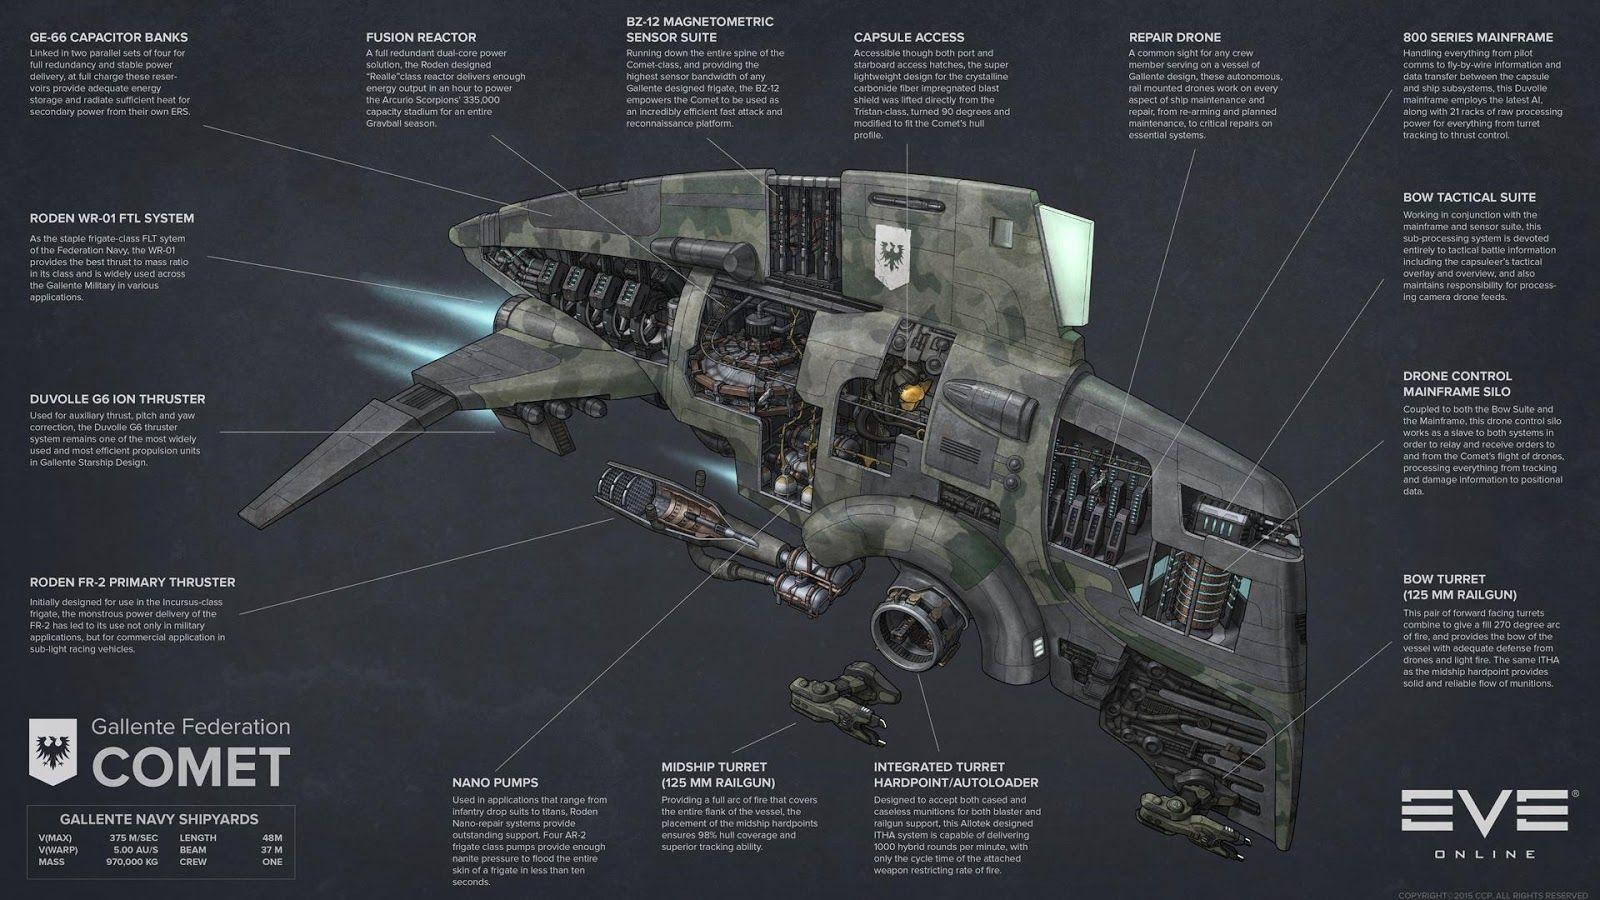 Eve online spaceship blueprints and schematics Comet CutAway | EVE